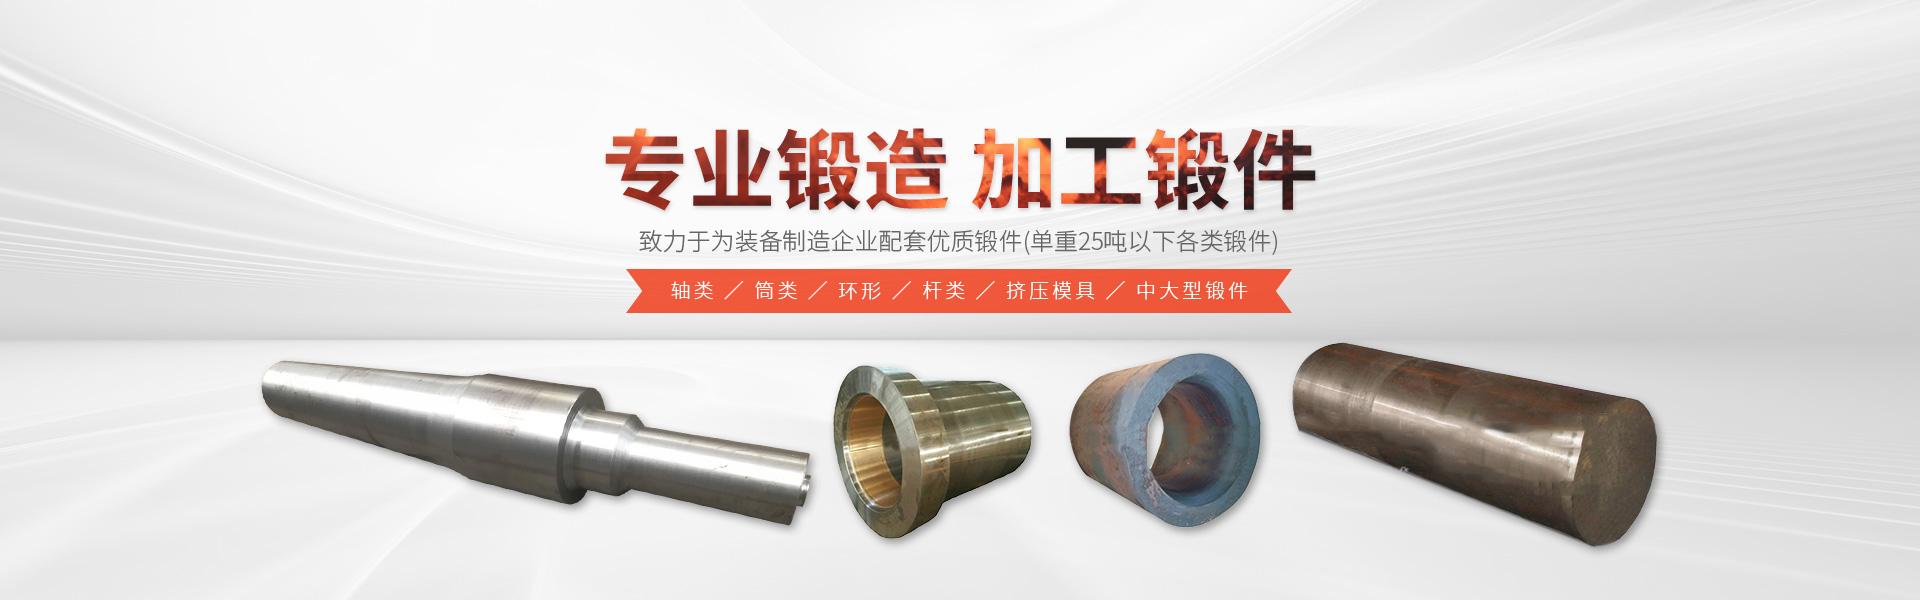 锻造厂,广东锻造厂,佛山锻造厂